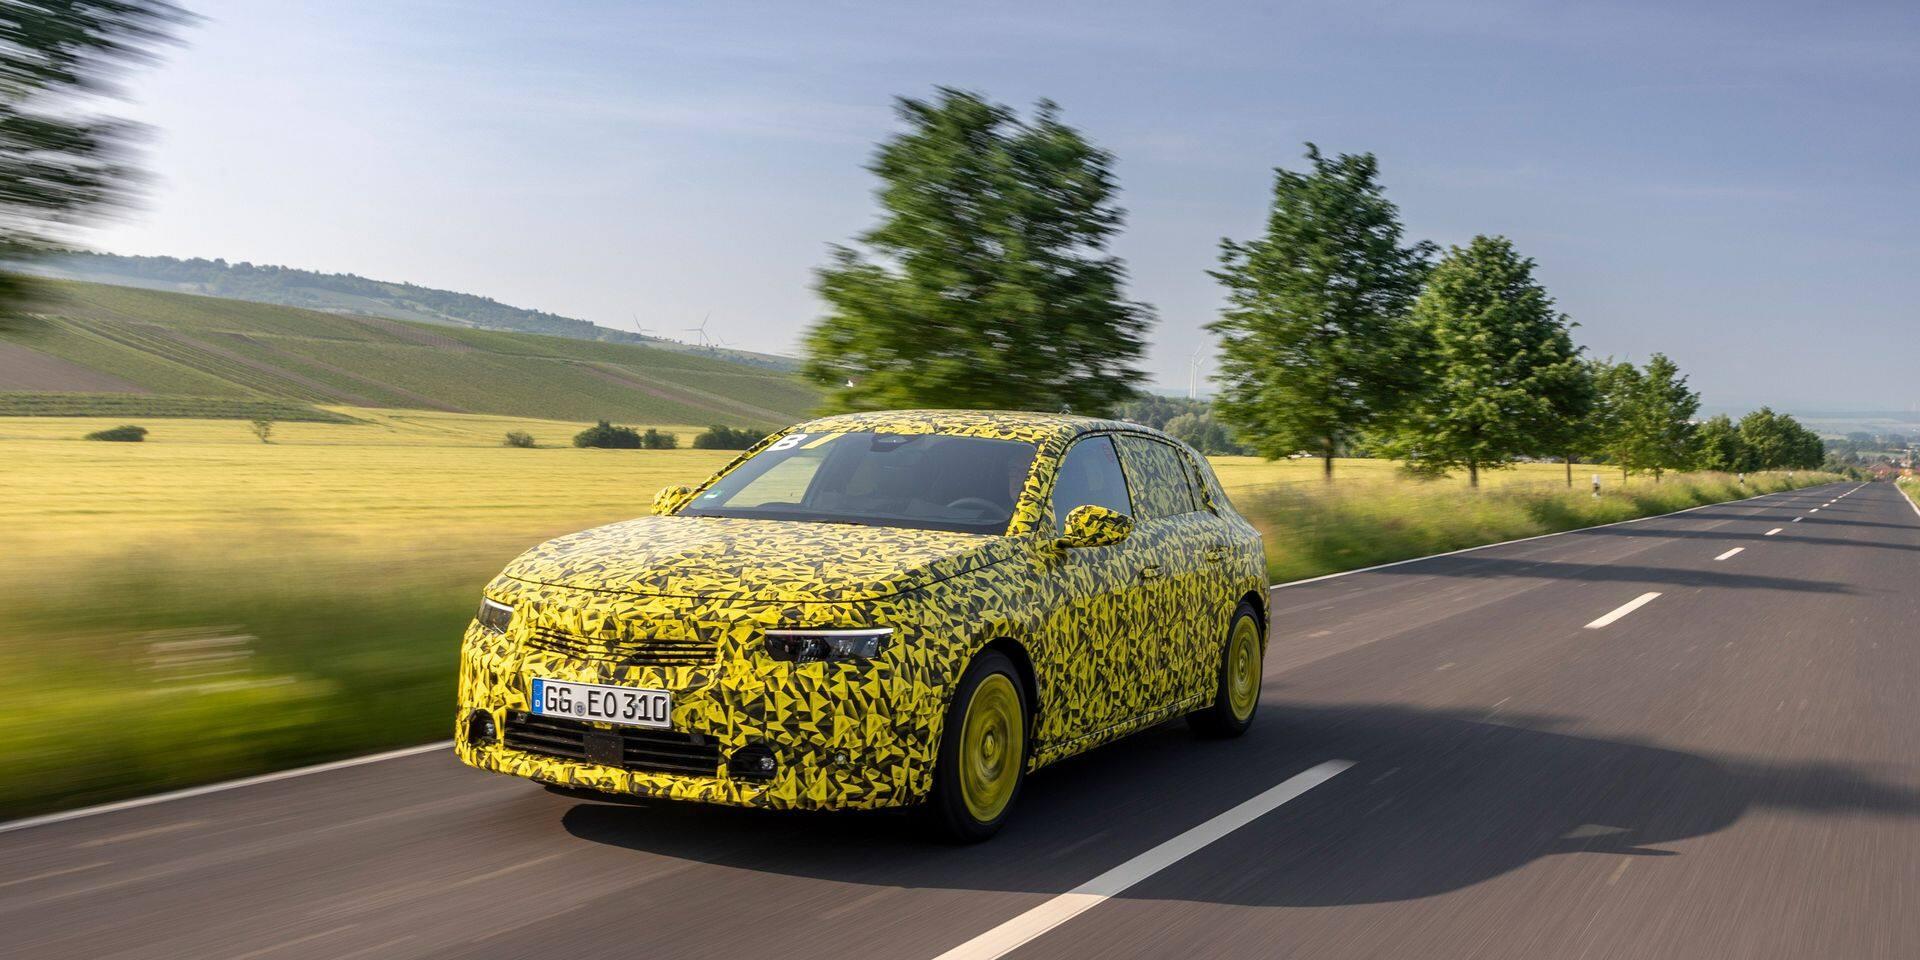 Essai auto: pour l'Opel Astra, le changement, c'est maintenant !